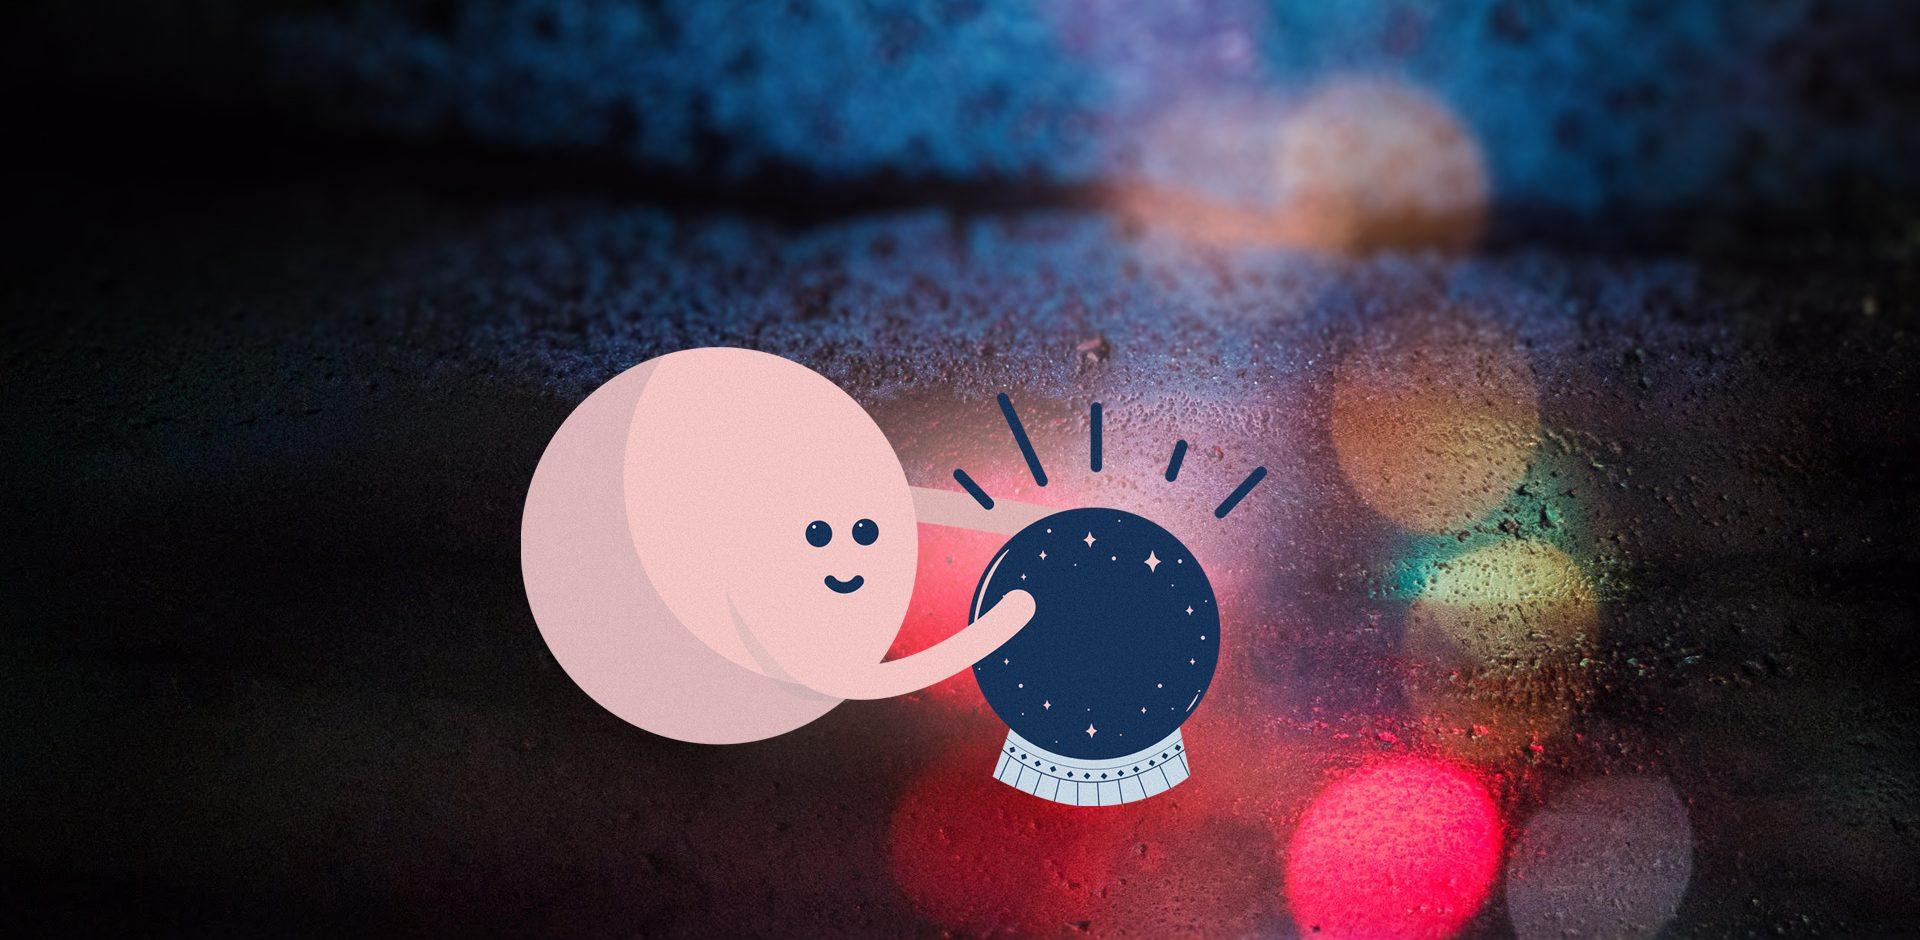 Prönö figure with a crystal ball